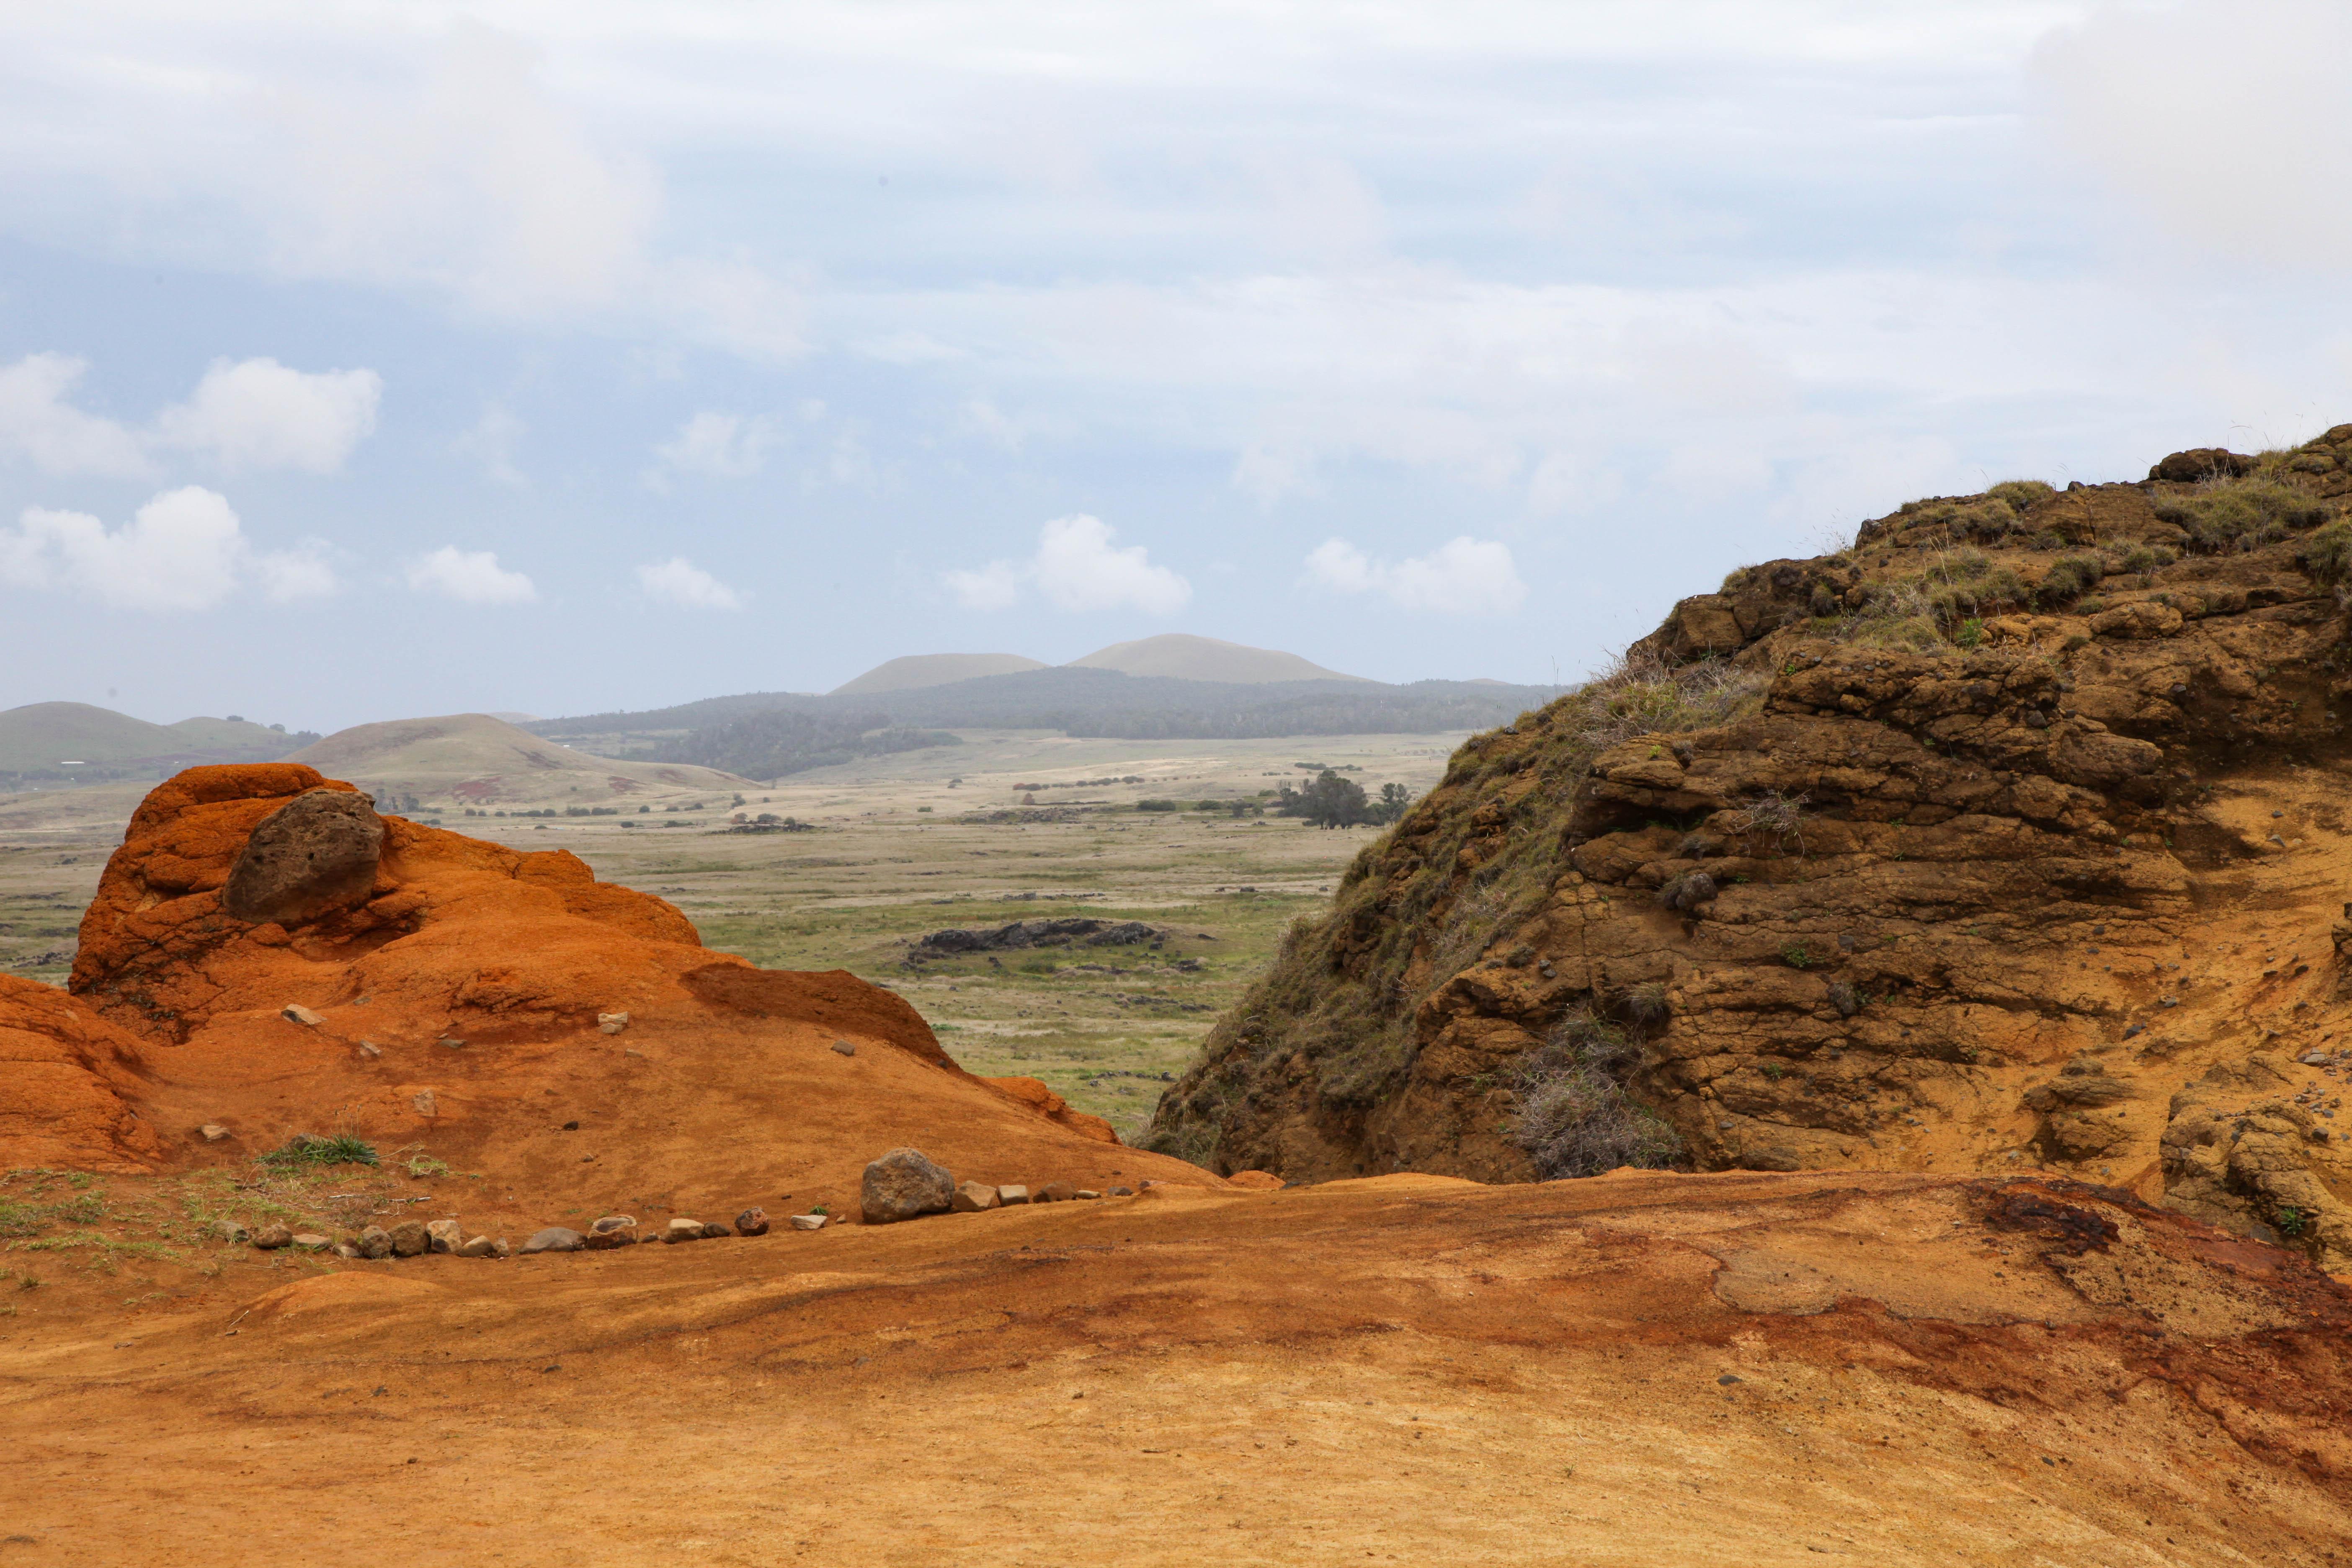 View from Rano Raraku